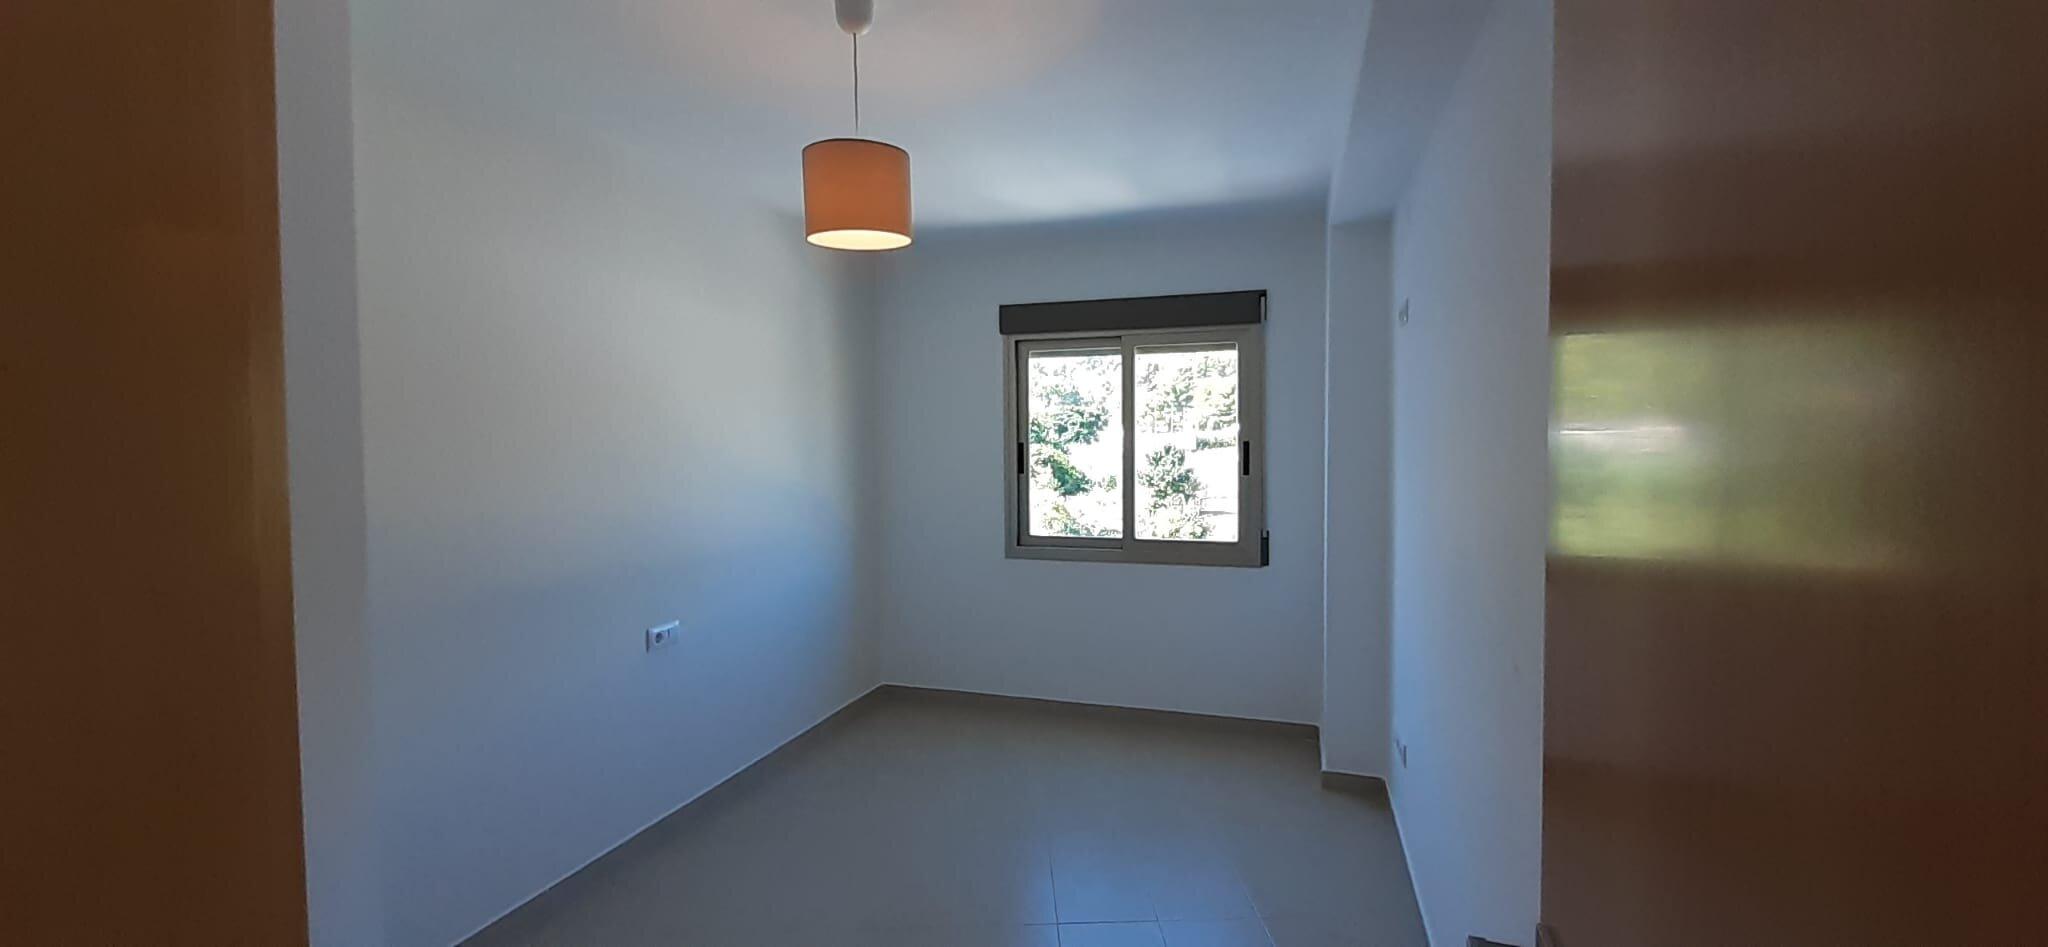 Photogallery - 17 - Olea-Home | Real Estate en Orba y Teulada-Moraira |